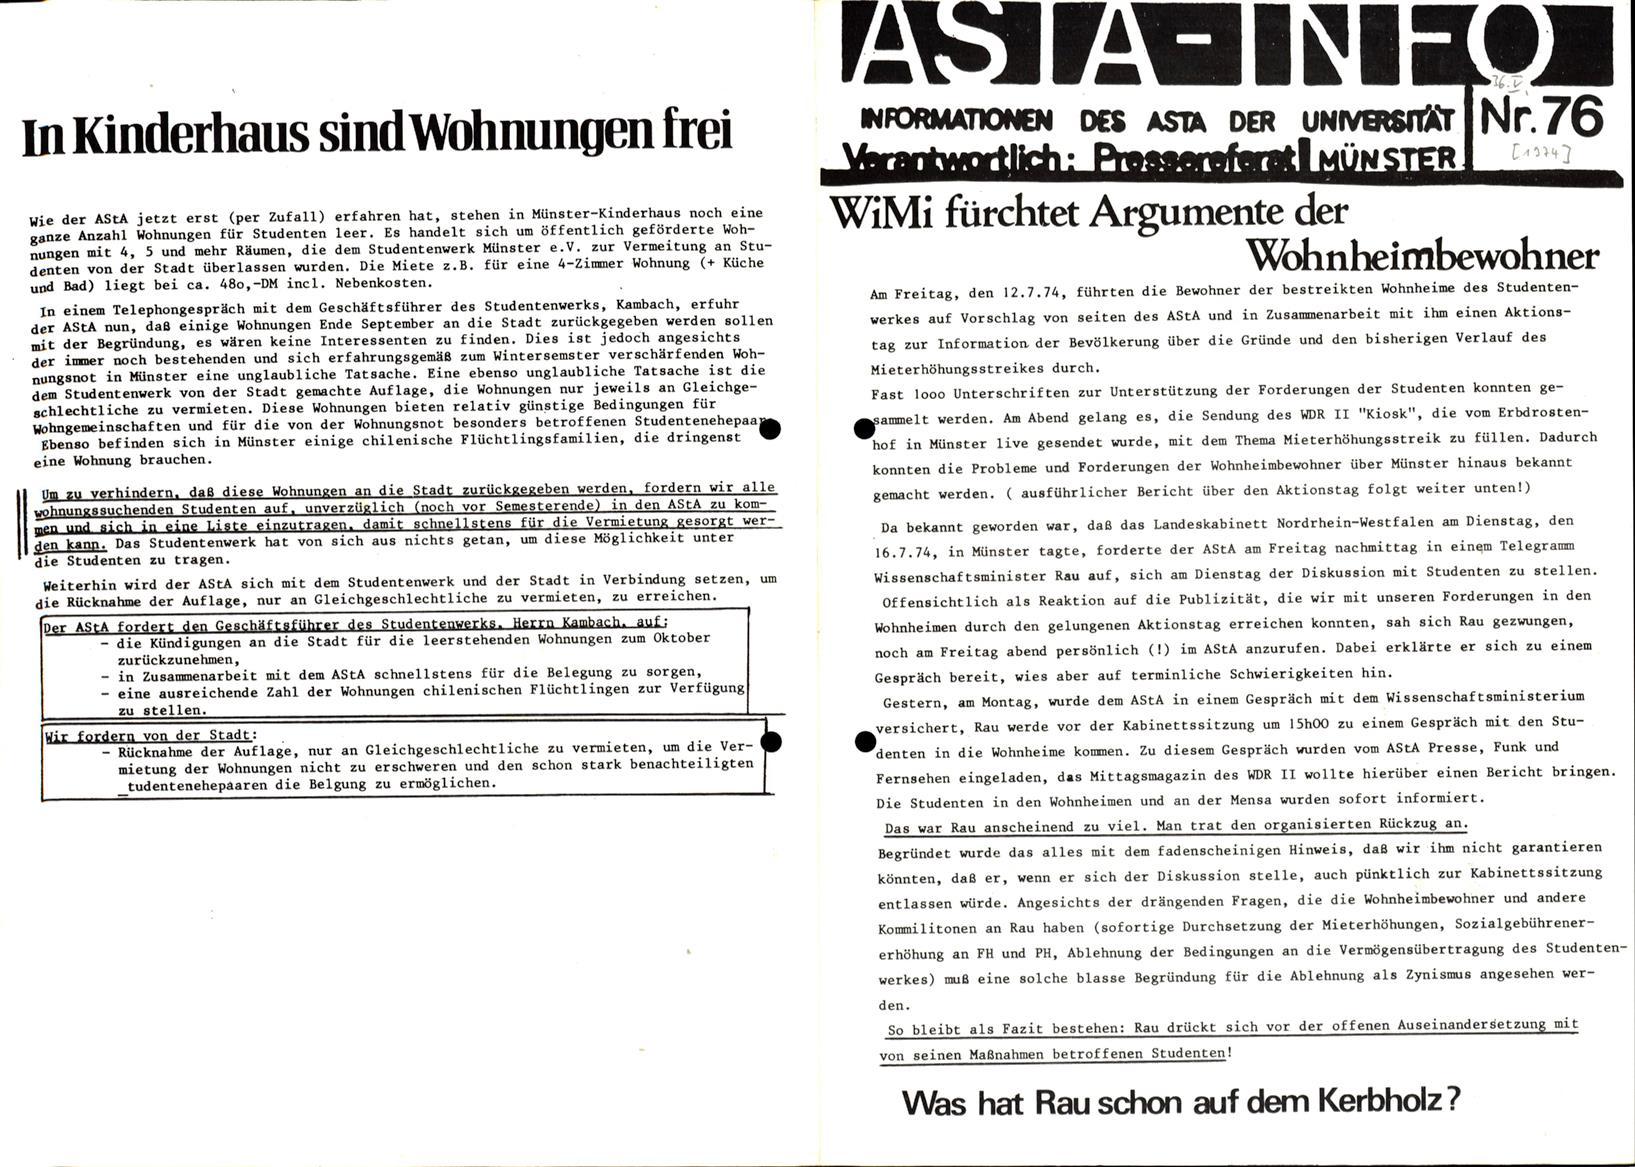 Muenster_AStA_Info_19740700_01